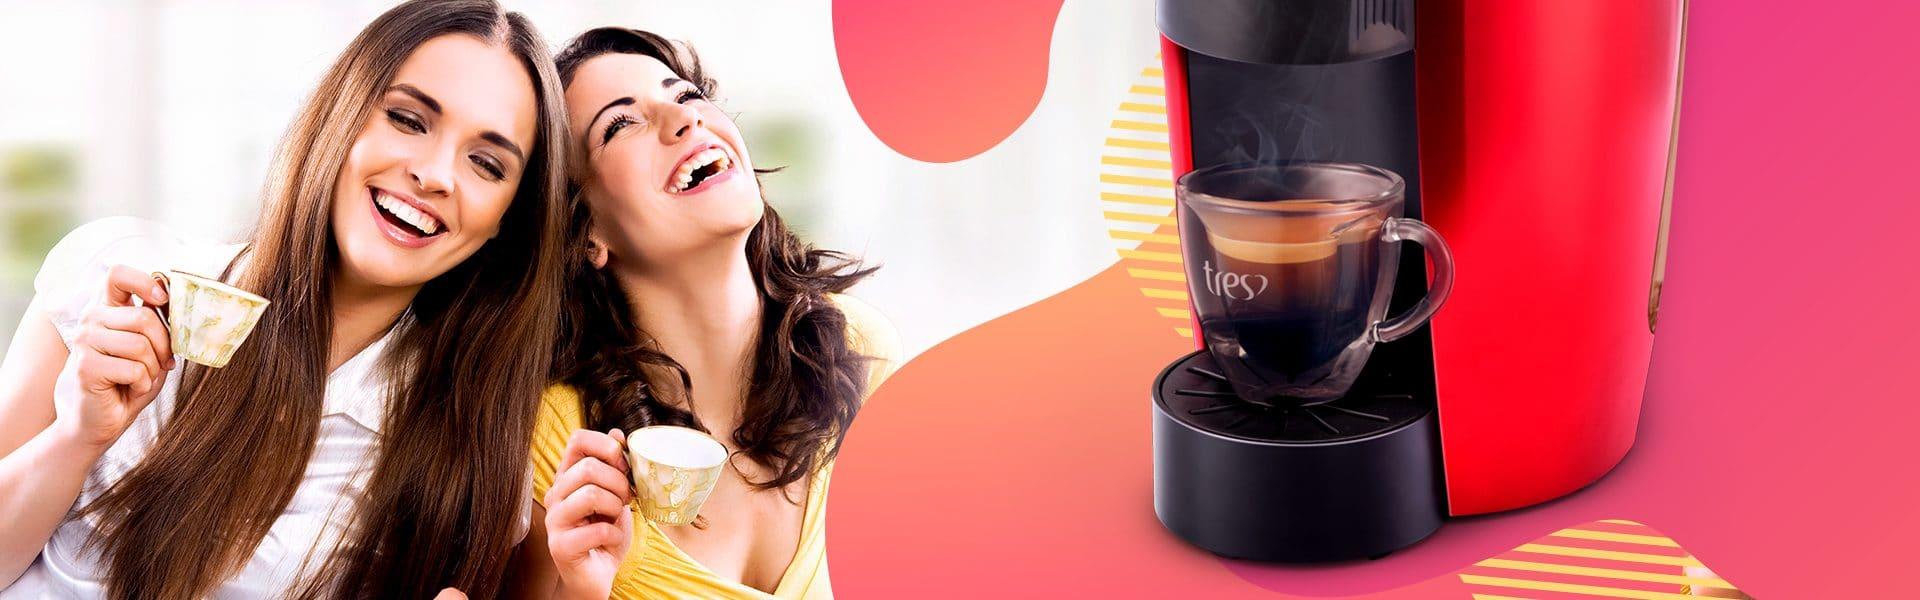 como-usar-a-maquina-de-café-LOV-da-TRES-capa